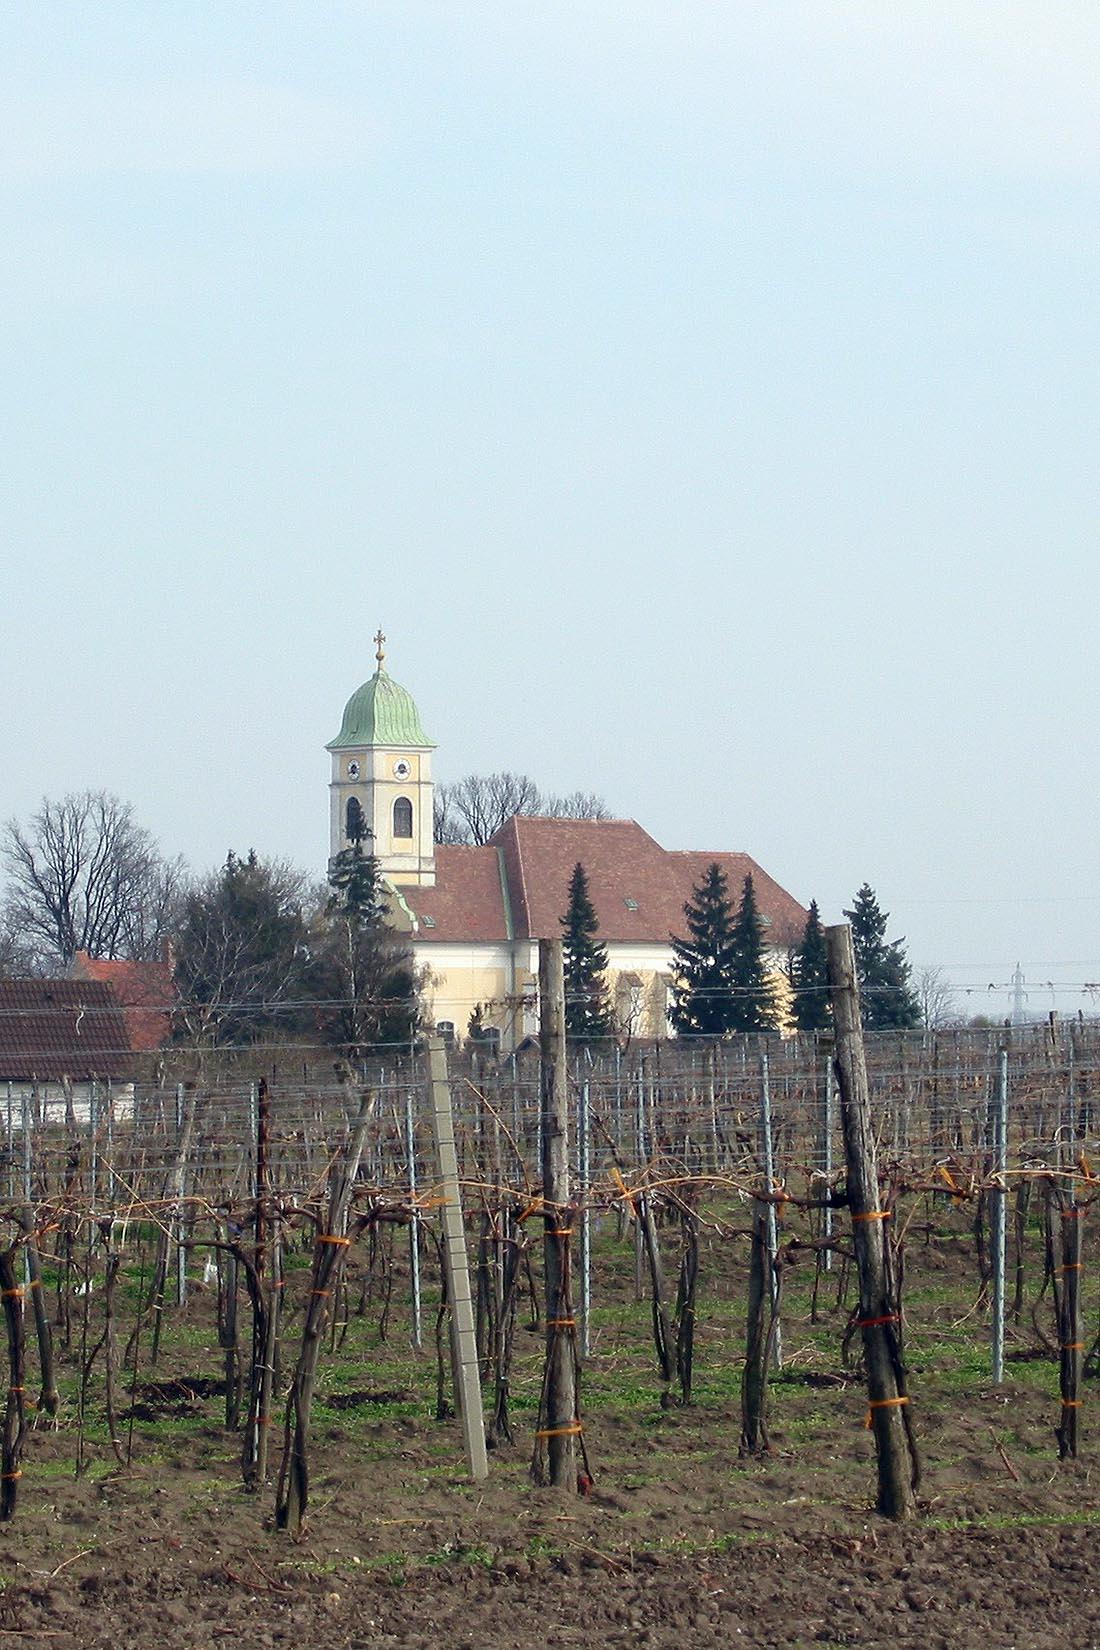 Pfarrkirche Watzelsdorf vom Keller aus